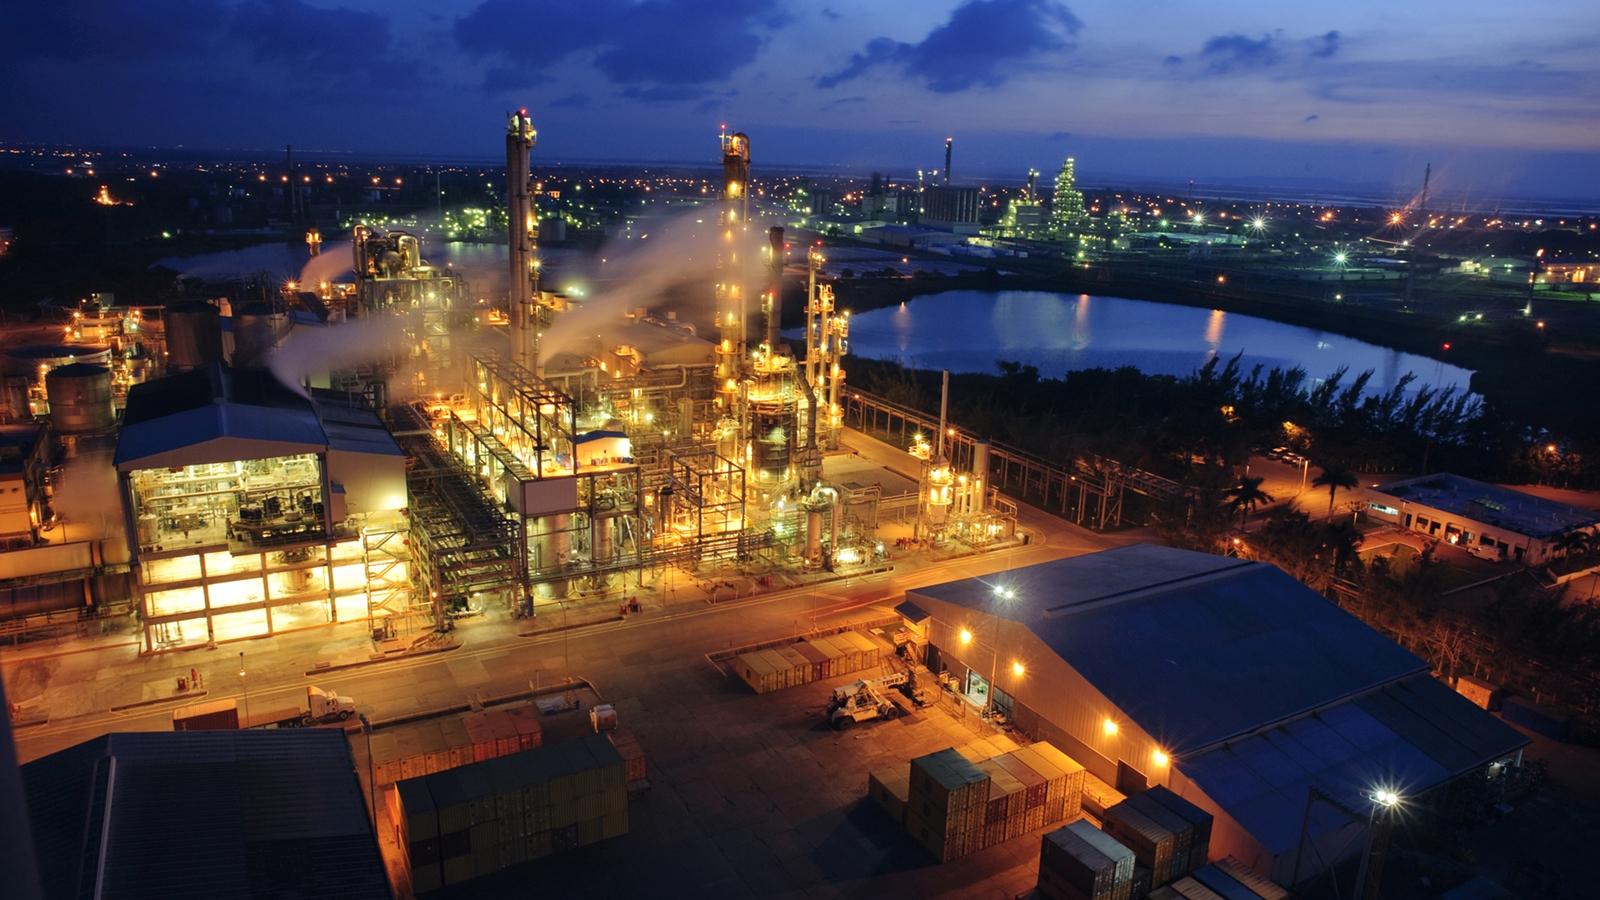 Alpek perfila compra de planta en Texas de empresa en quiebra